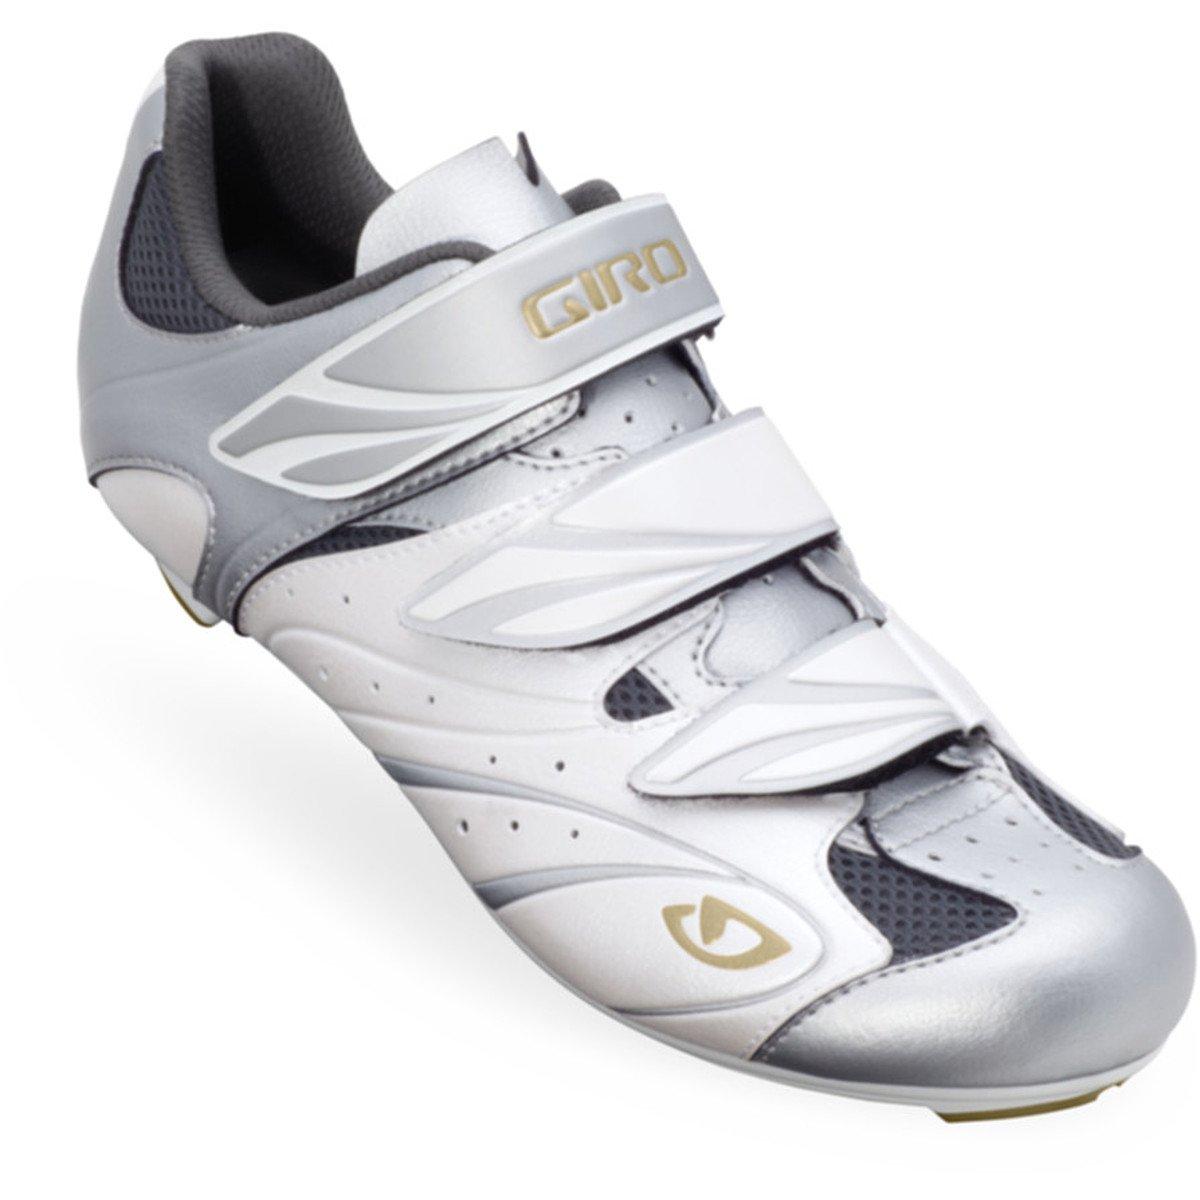 Giro Sante Women's Road Shoe